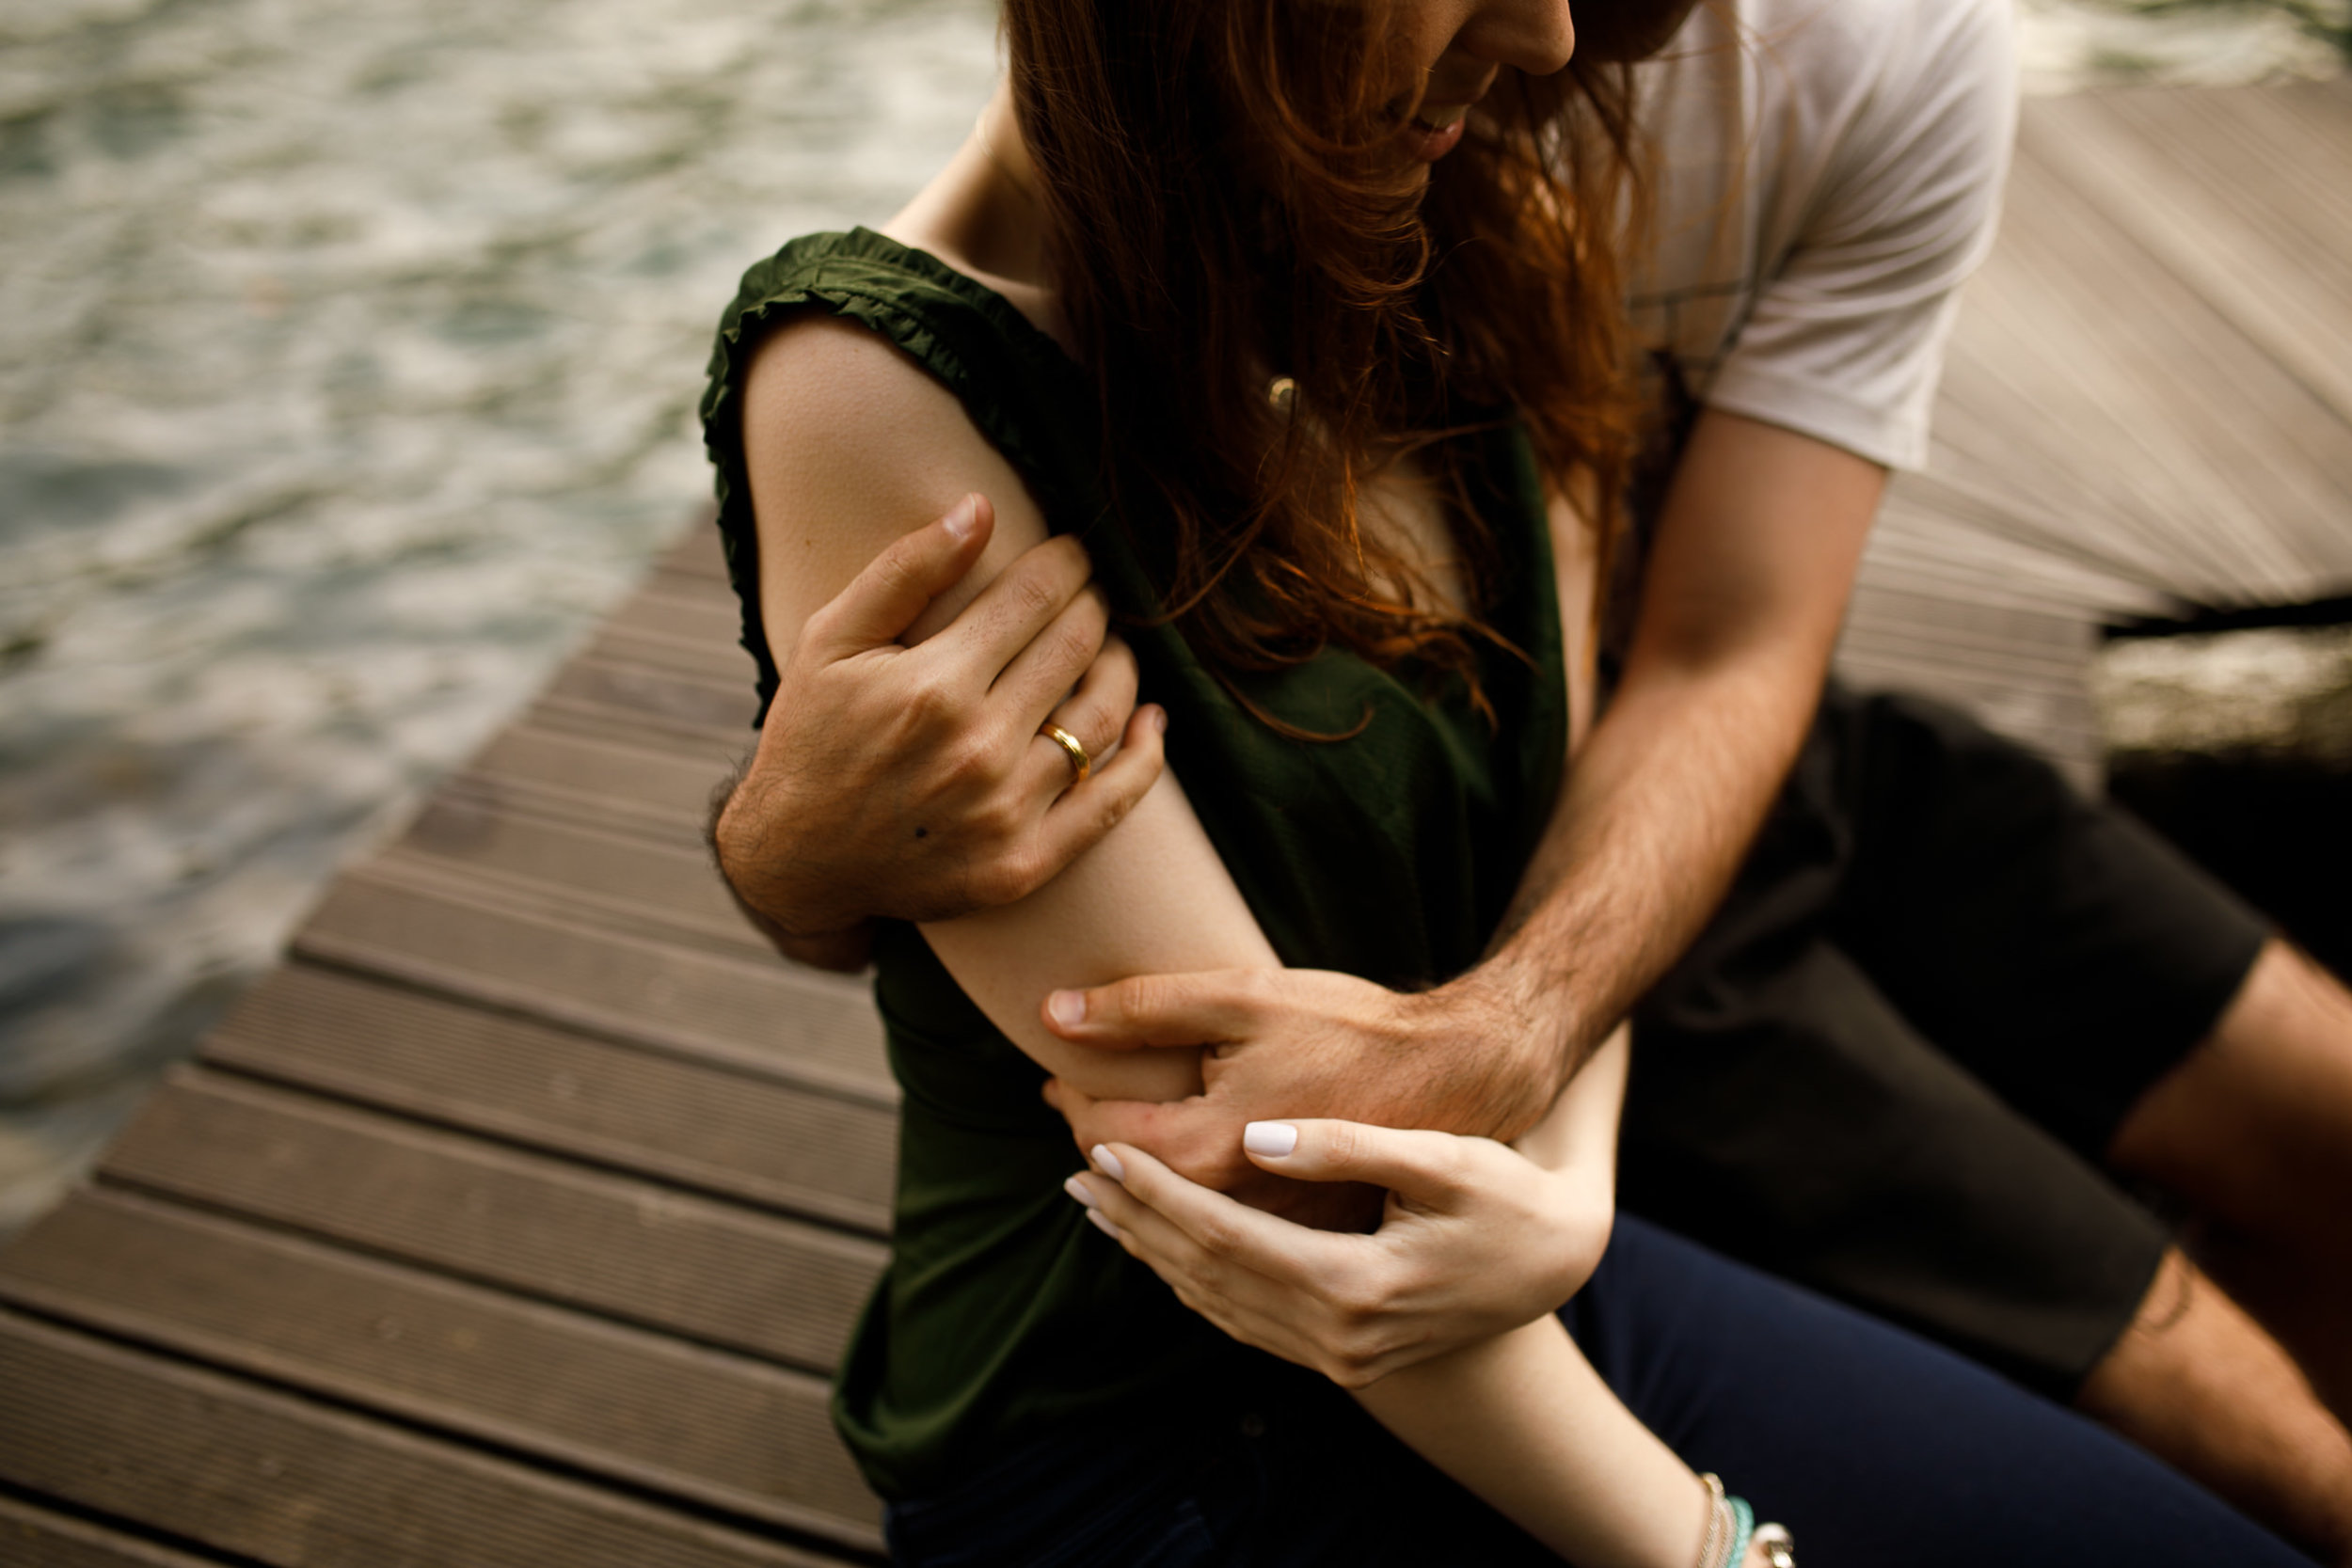 Leticia&Mario-MARCELINOS-086.jpg